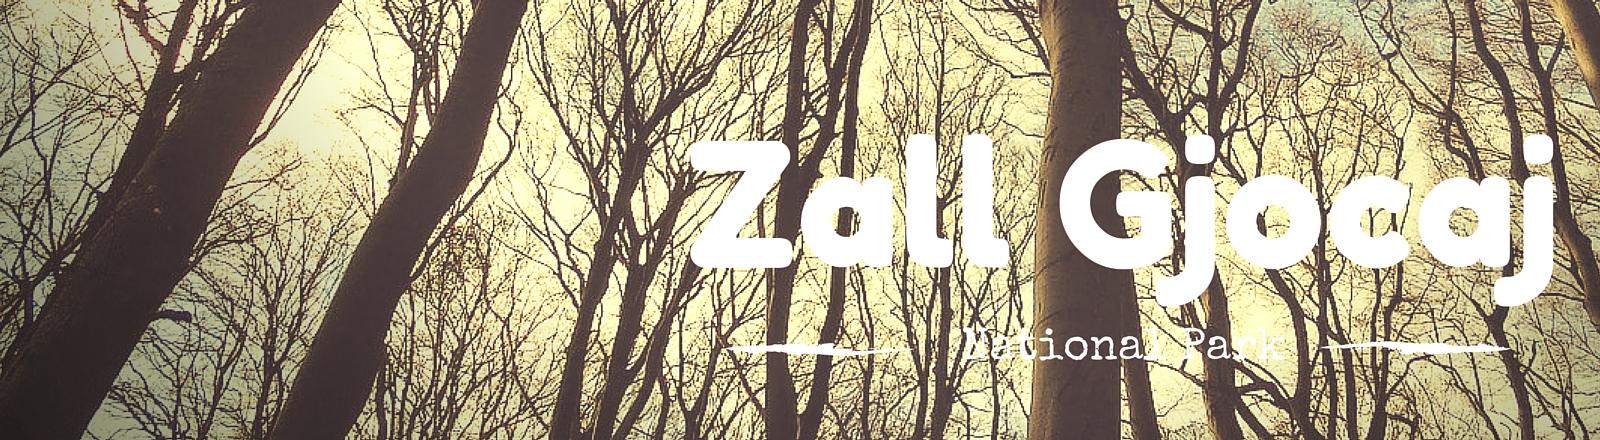 Národní park Zall Gjocaj, národní parky Guy